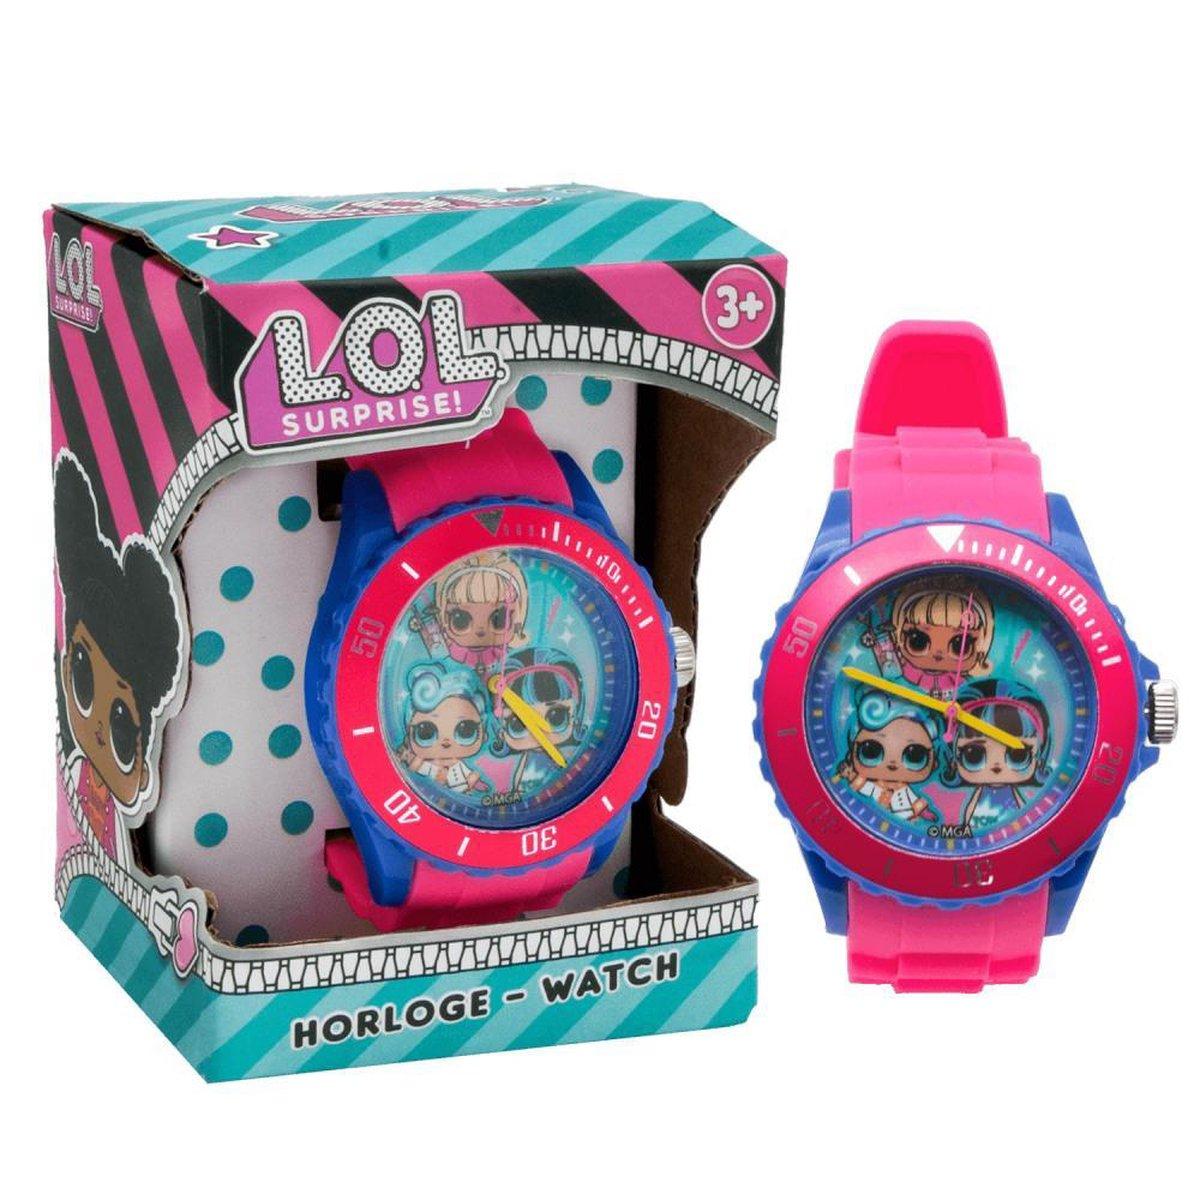 LOL Surprise Horloge voor meiden analoog - L.O.L. Surprise Watch